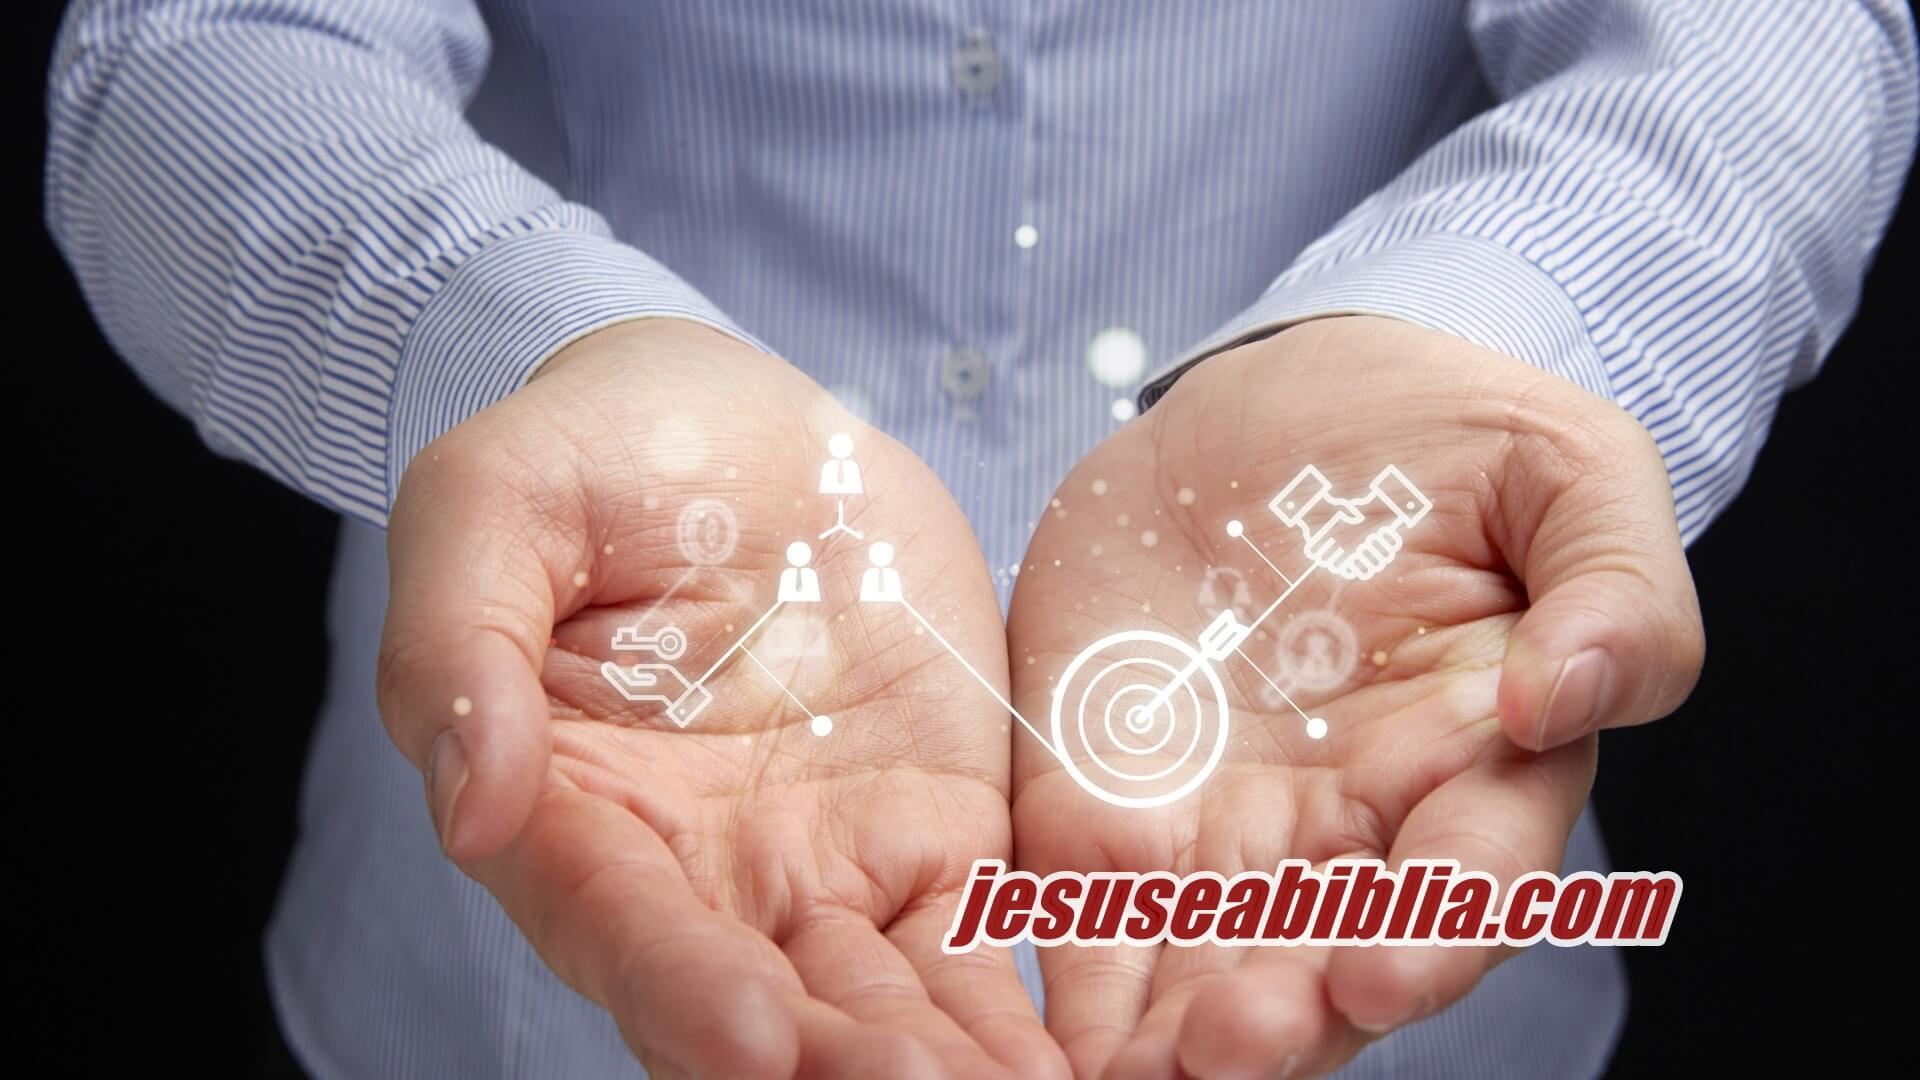 Estudo Bíblico Sobre Dons Espirituais e Ministeriais: Lista